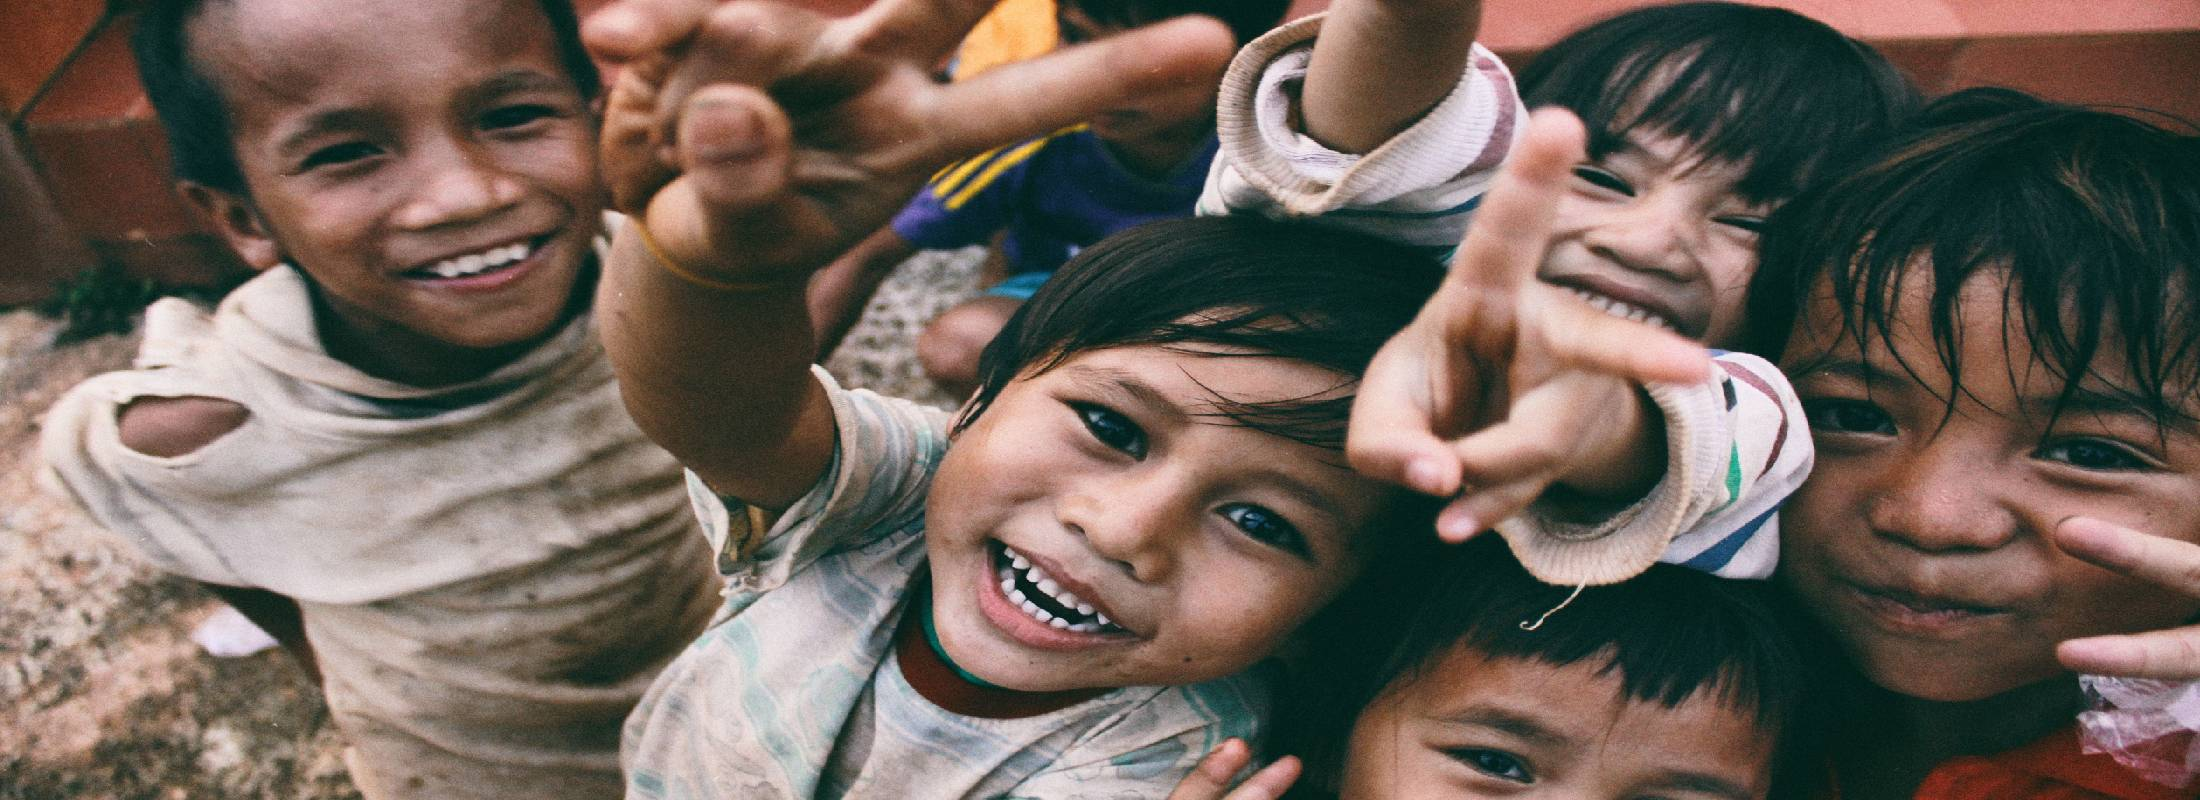 Voluntariado en la india con niños con dificultades auditivas